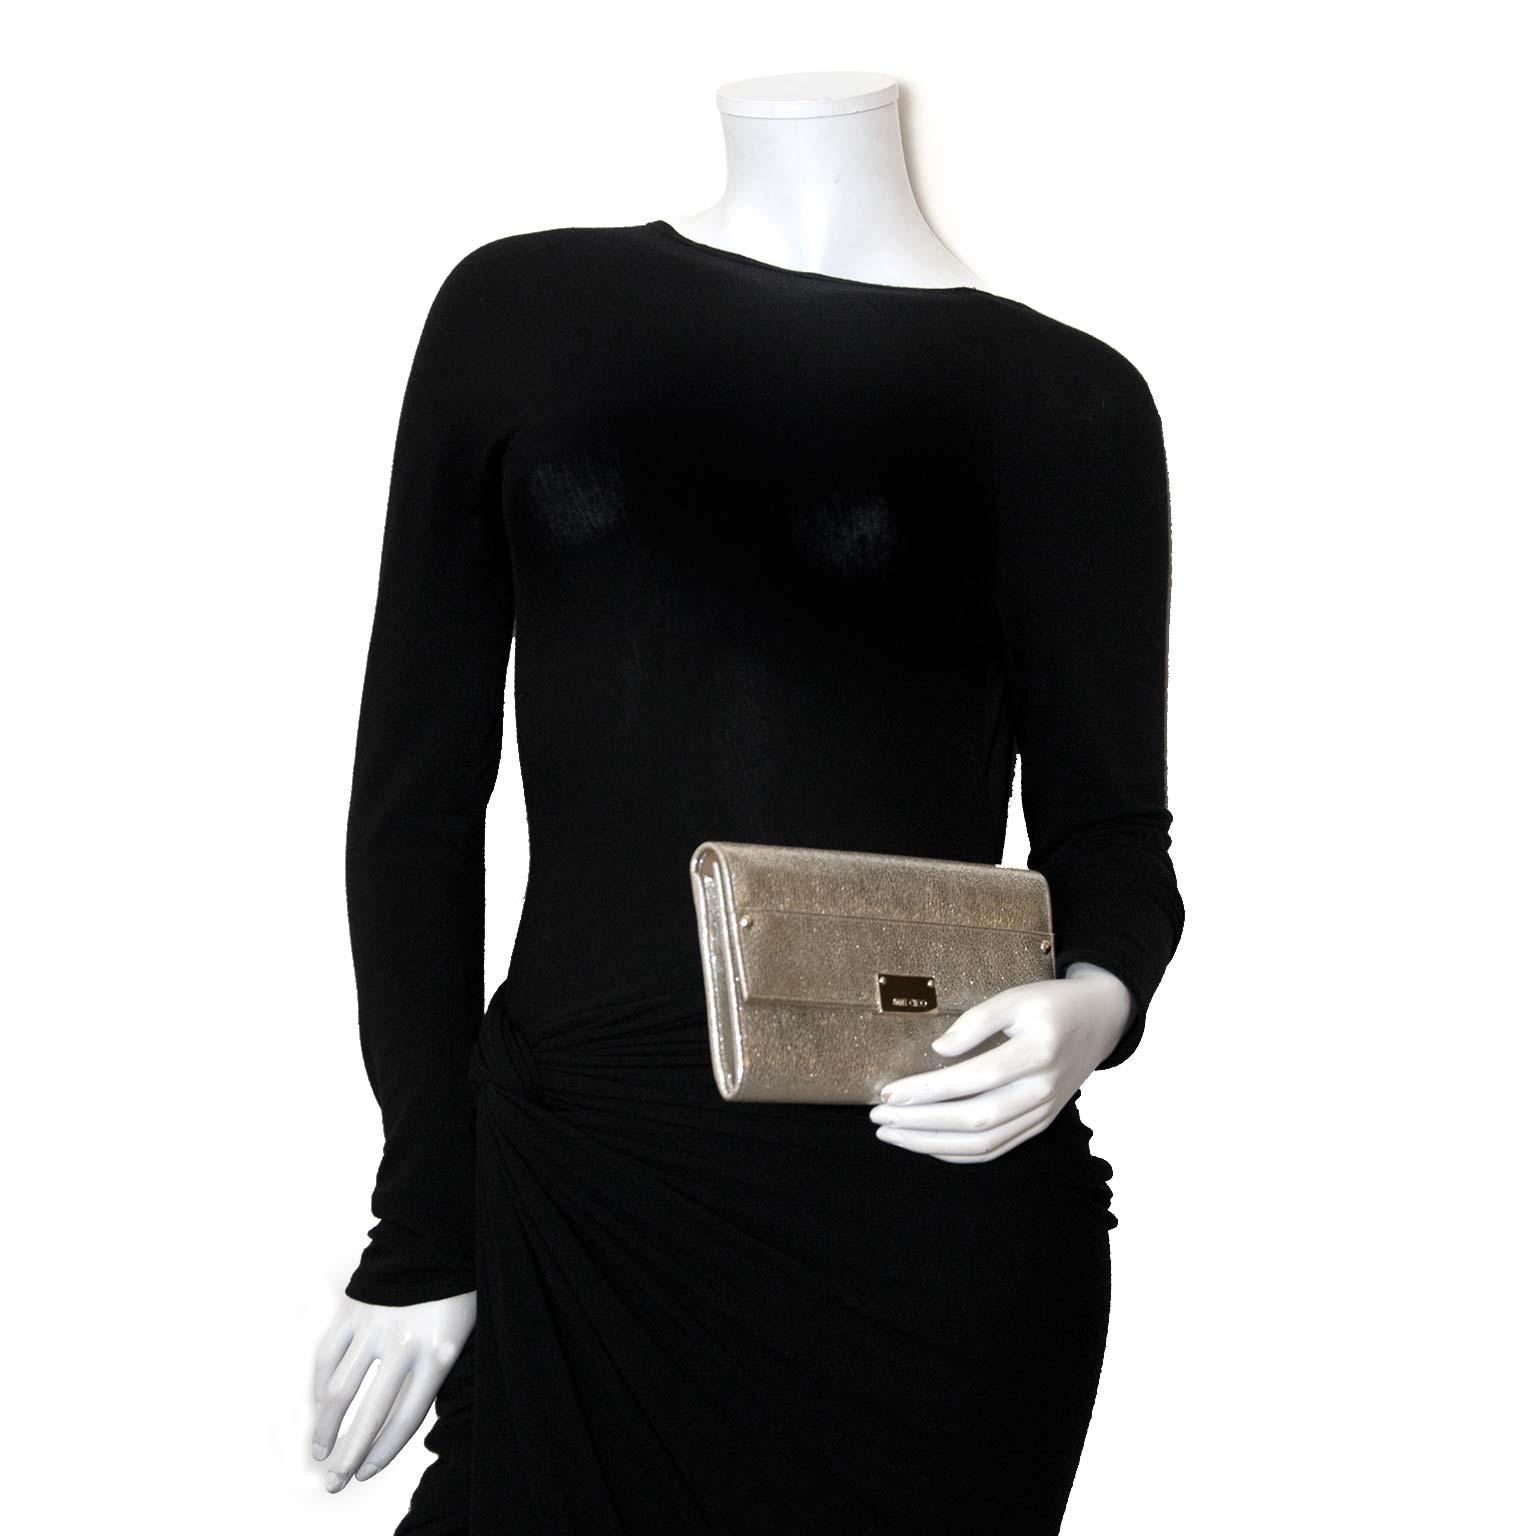 Koop authentieke tweedehands jimmy choo clutch bij labellov vintage mode webshop belgië